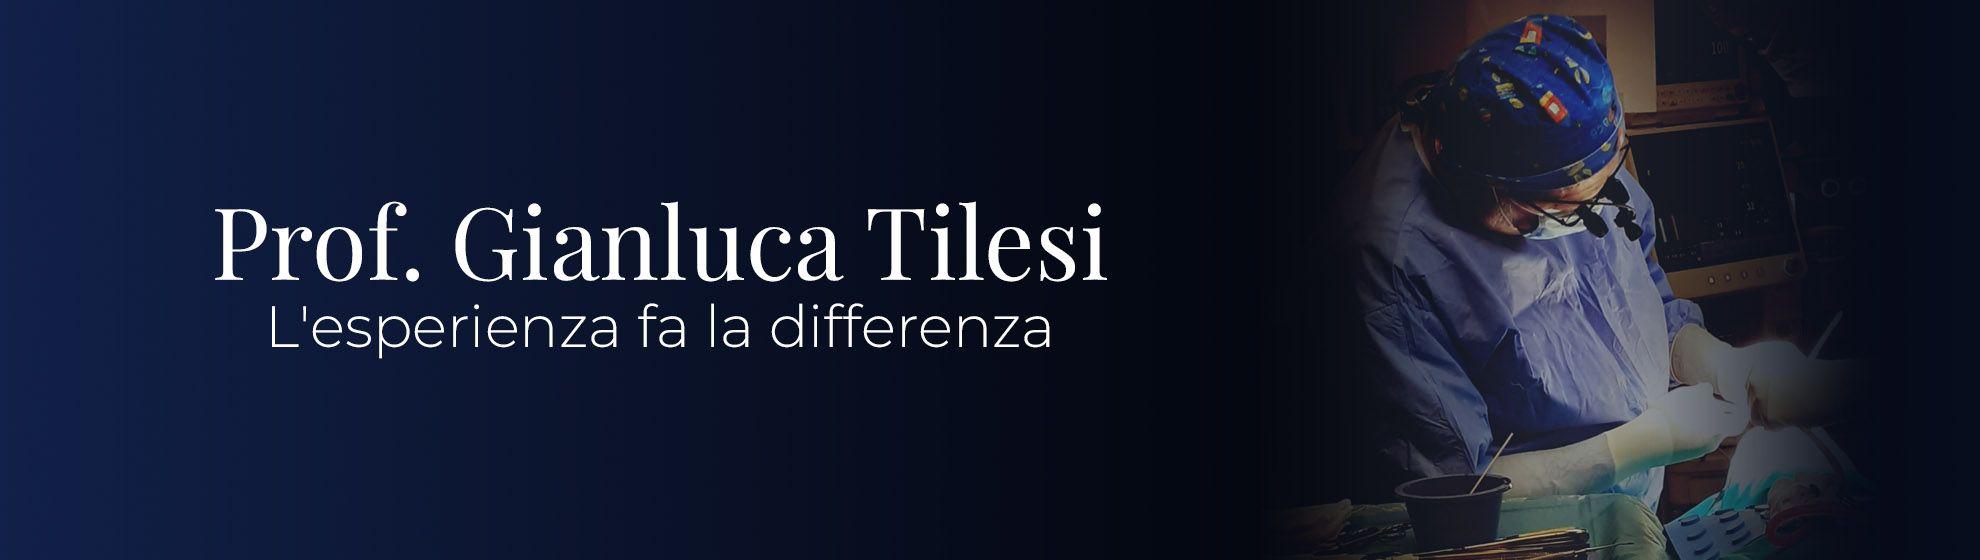 Prof. Gianluca Tilesi